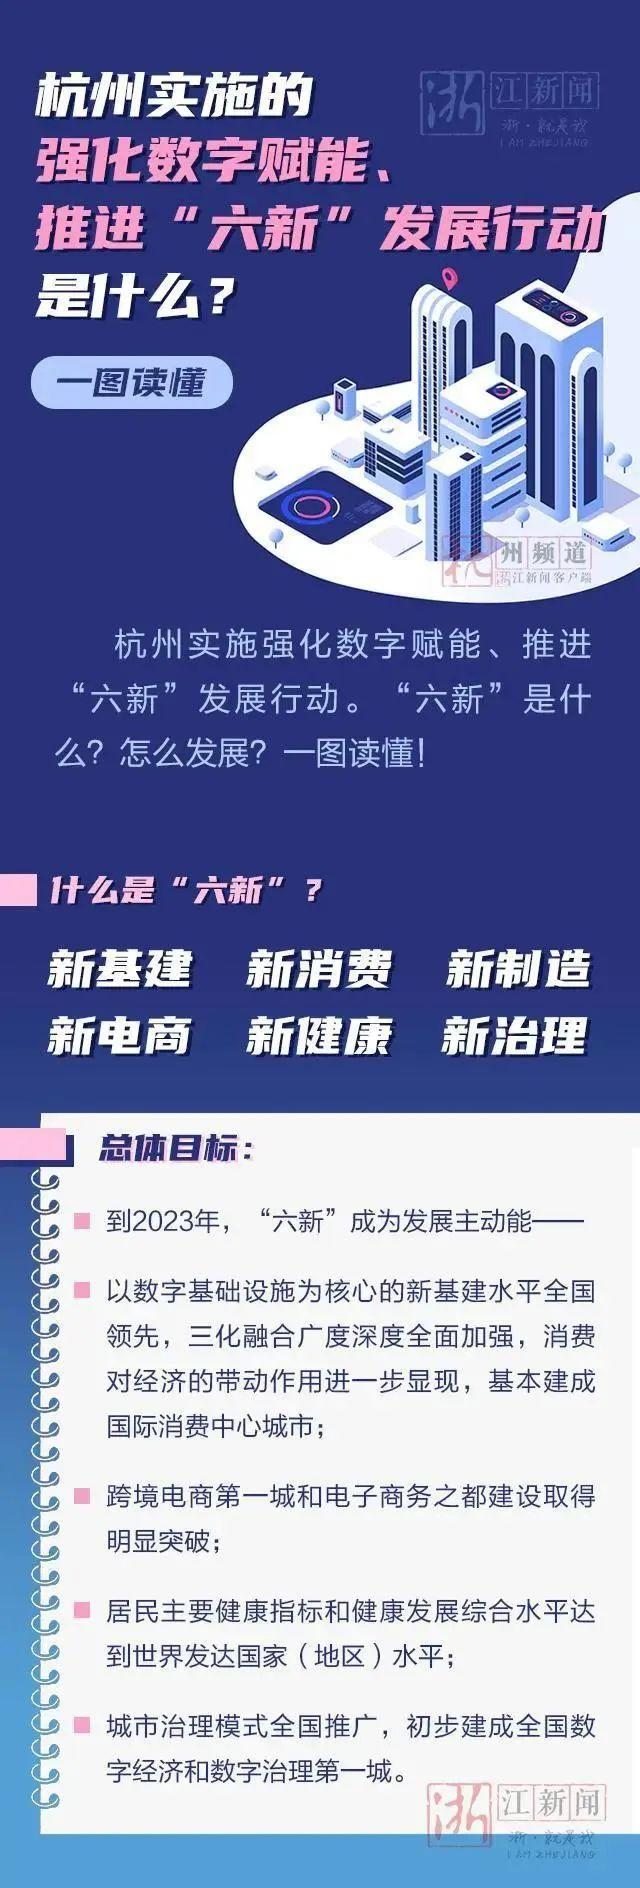 """5G、直播经济、未来社区尽在其中,杭州""""六新""""发展""""十大示范场景""""发布"""